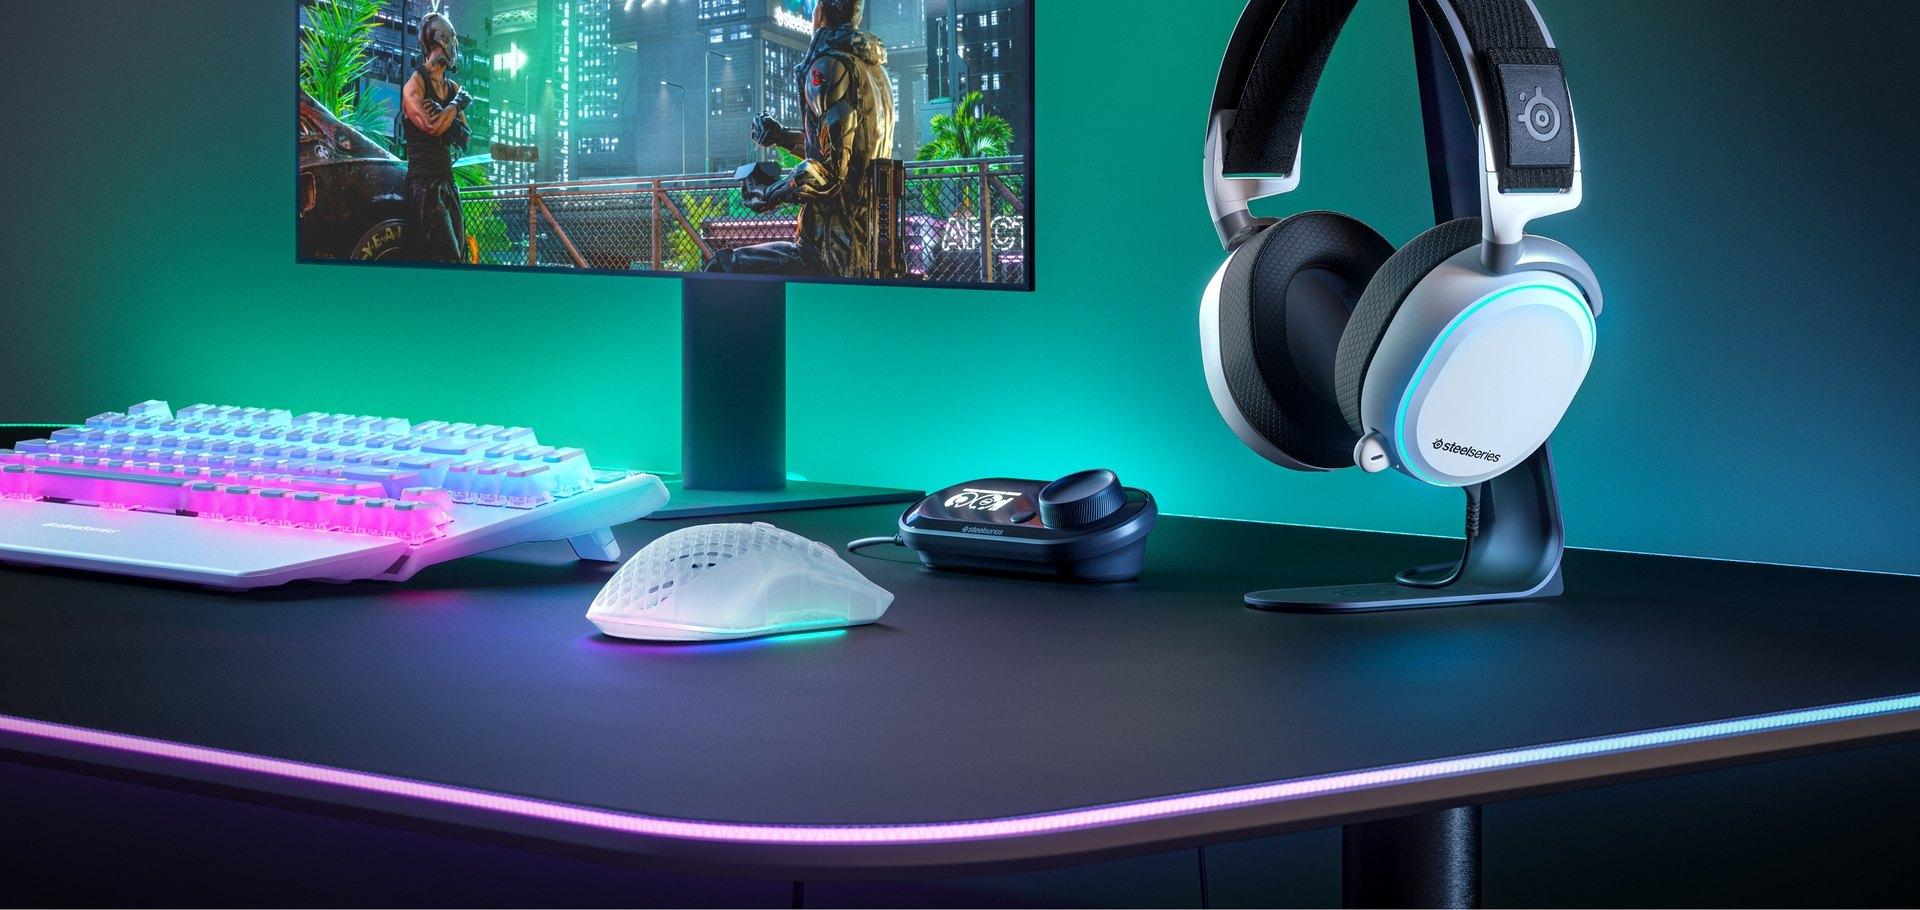 En skrivbordskonfigurering med ett Apex 7 TKL Ghost-tangentbord and Aerox 3 Wireless Ghost-mus.